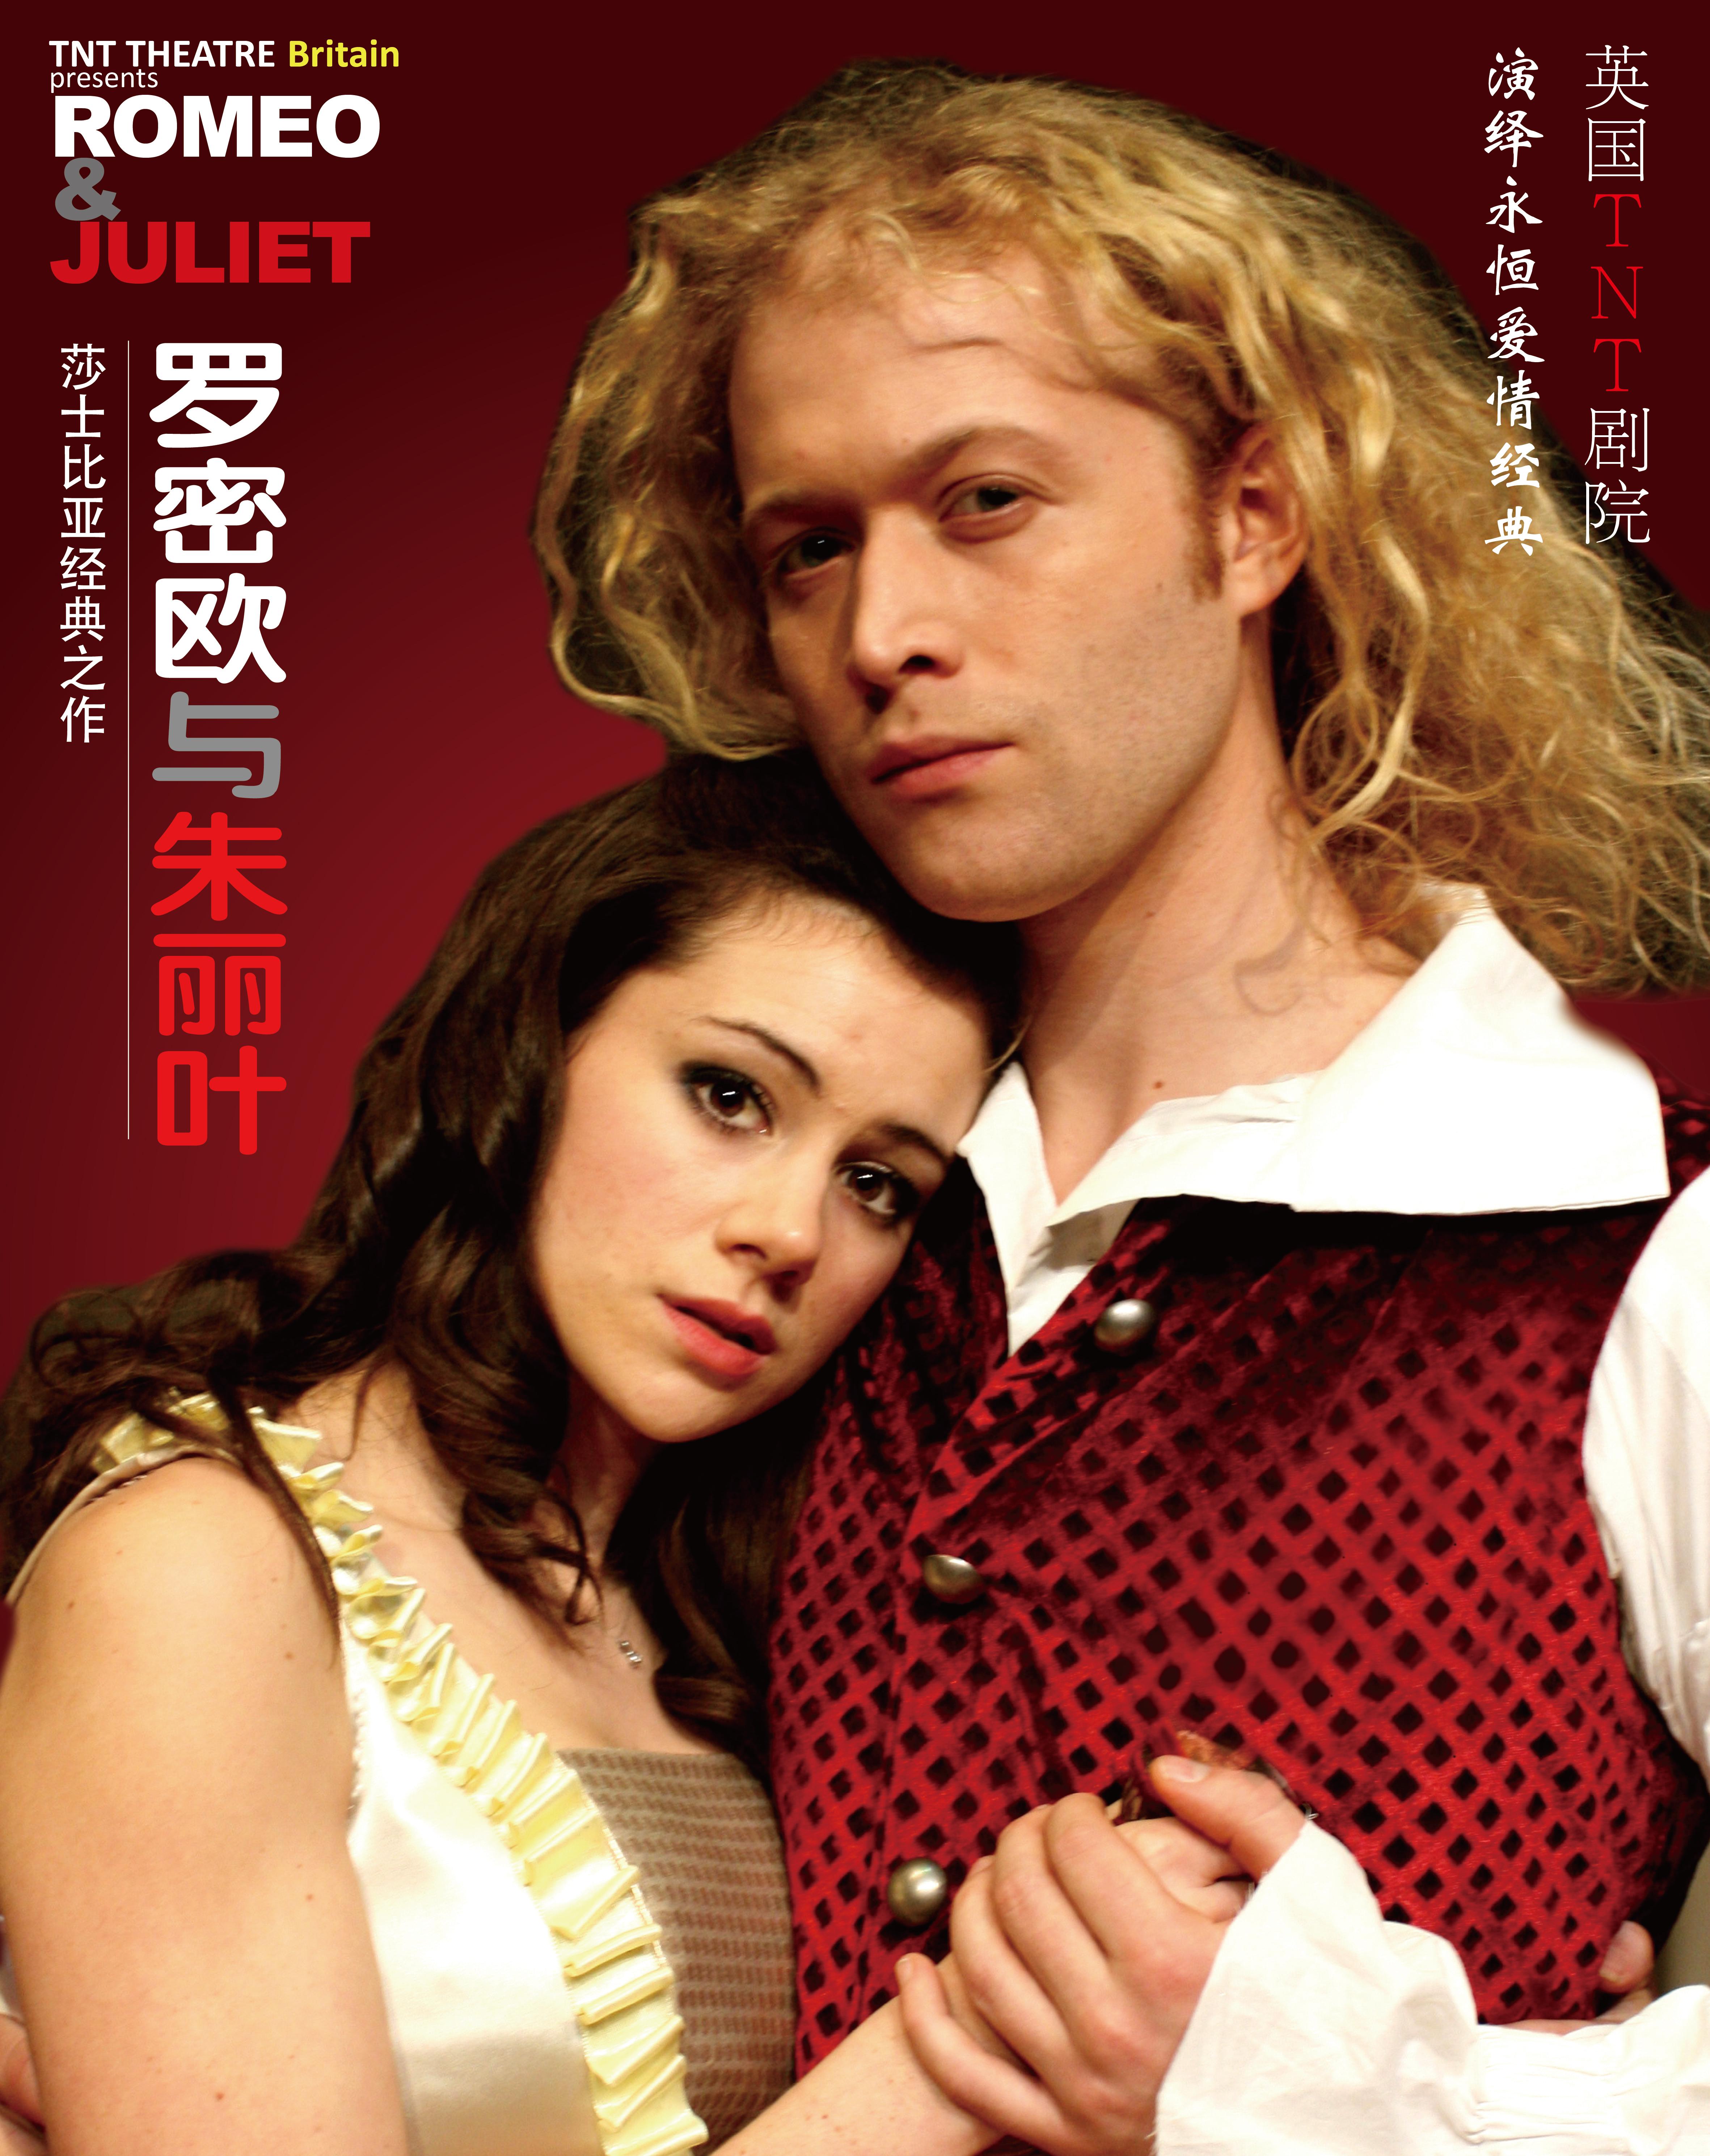 英国TNT剧院演绎永恒爱情经典 《罗密欧与朱丽叶》